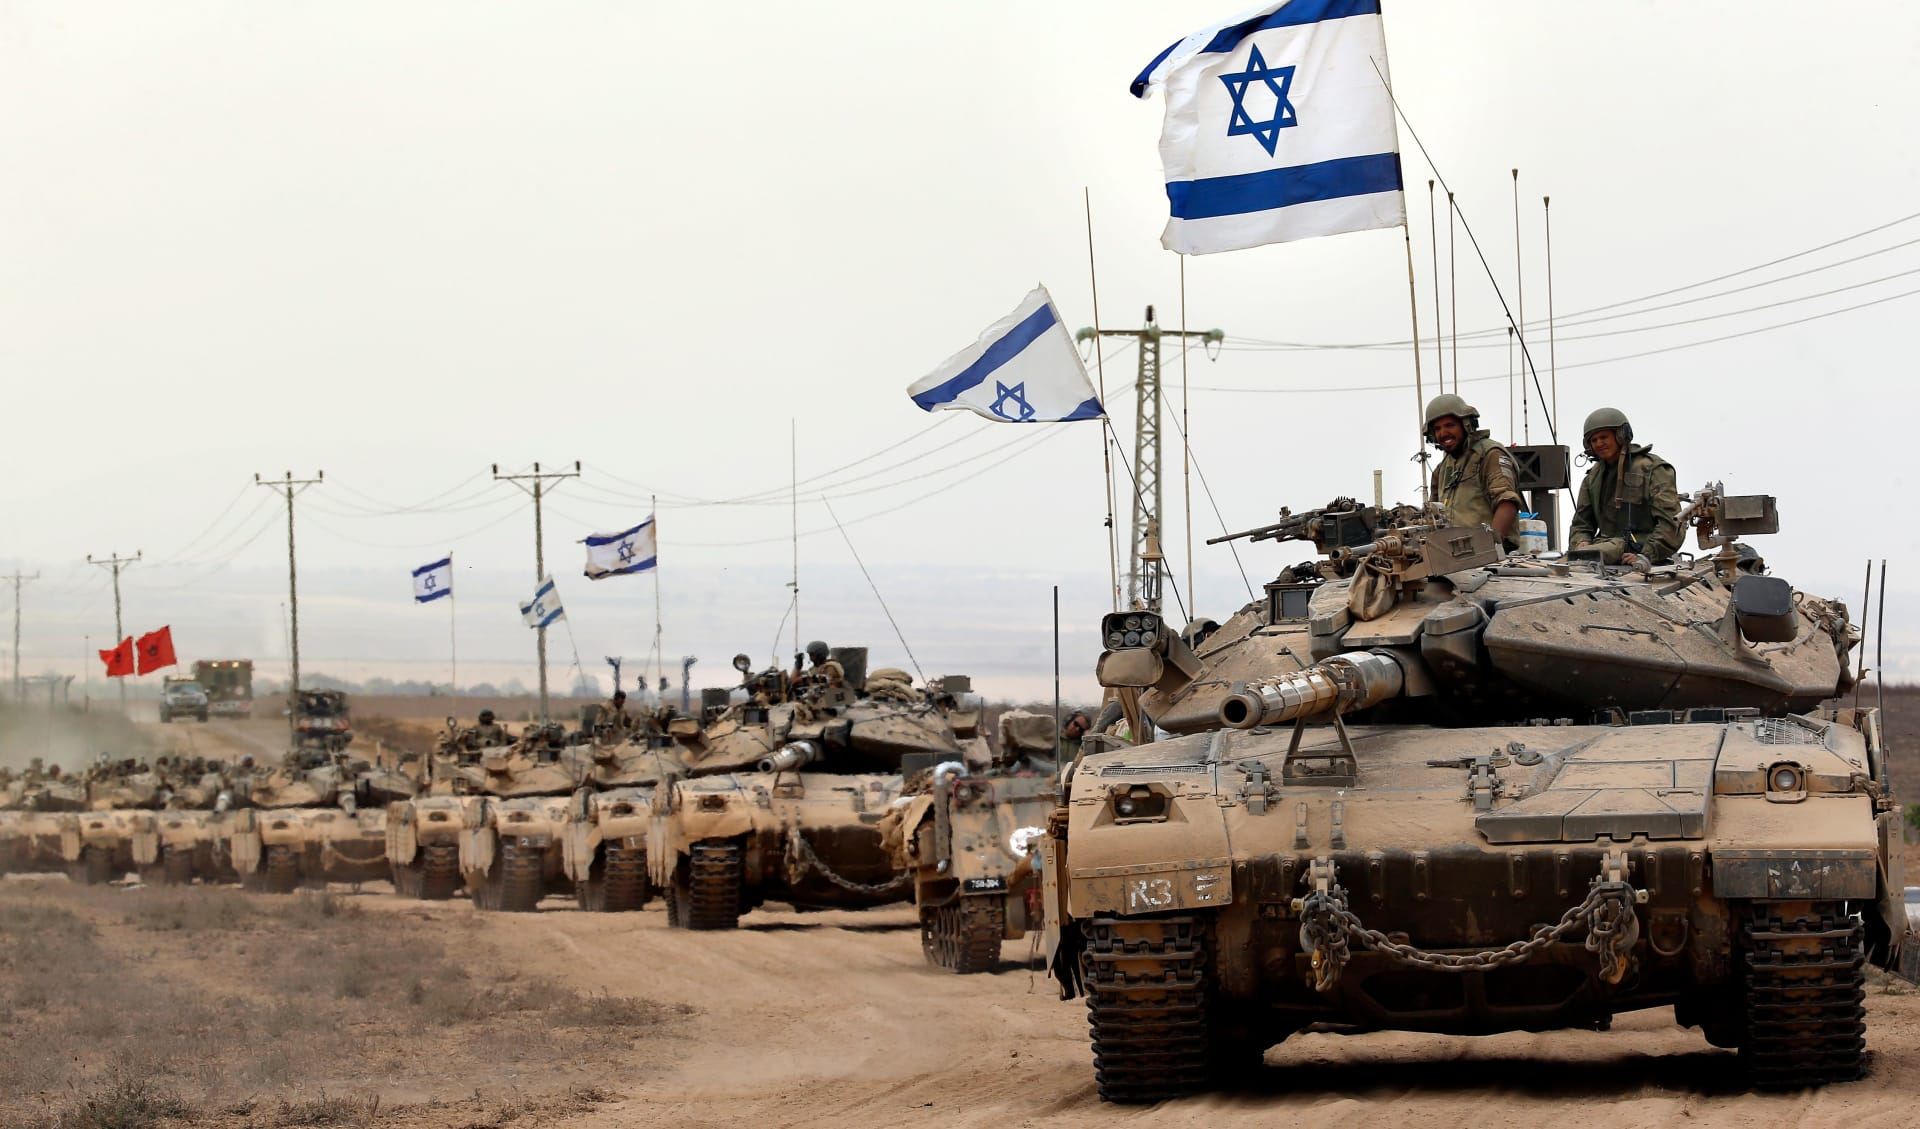 وزراء خارجية مصر والأردن والسلطة الفلسطينية: سنعمل على حشد موقف دولي ضد ممارسات إسرائيل